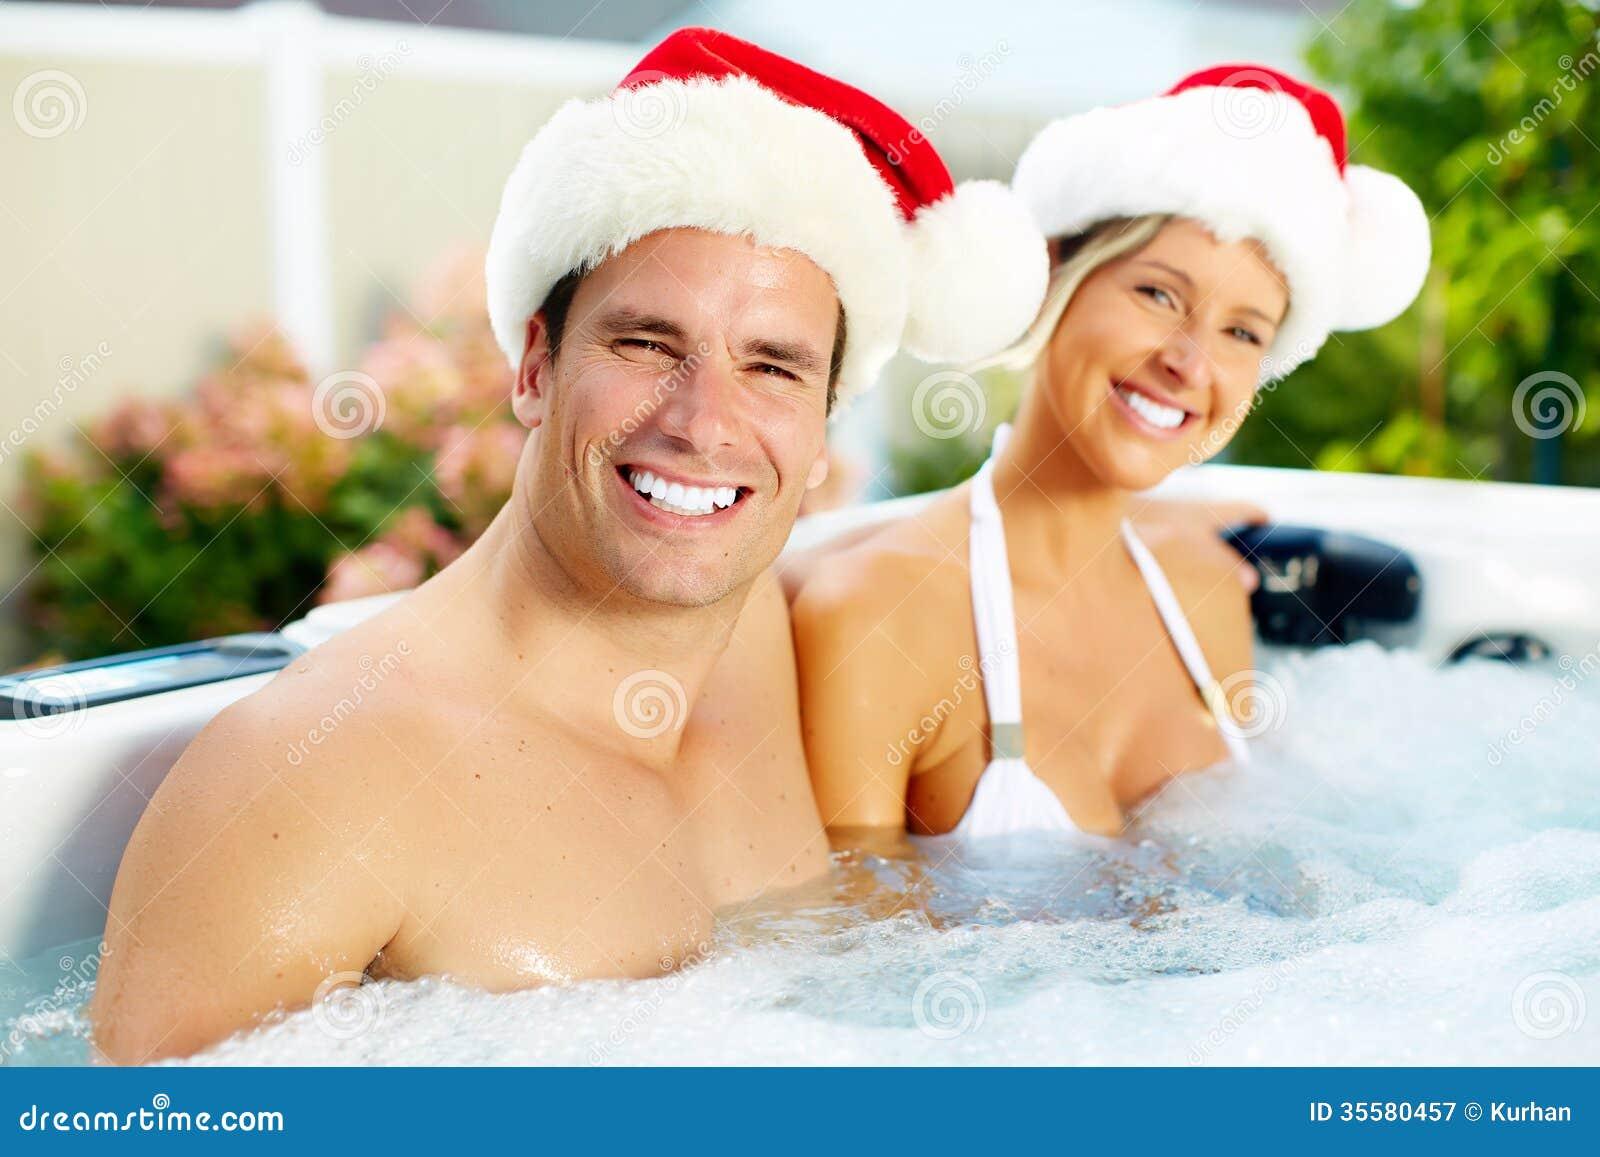 Santa för lycklig jul par i bubbelpool.